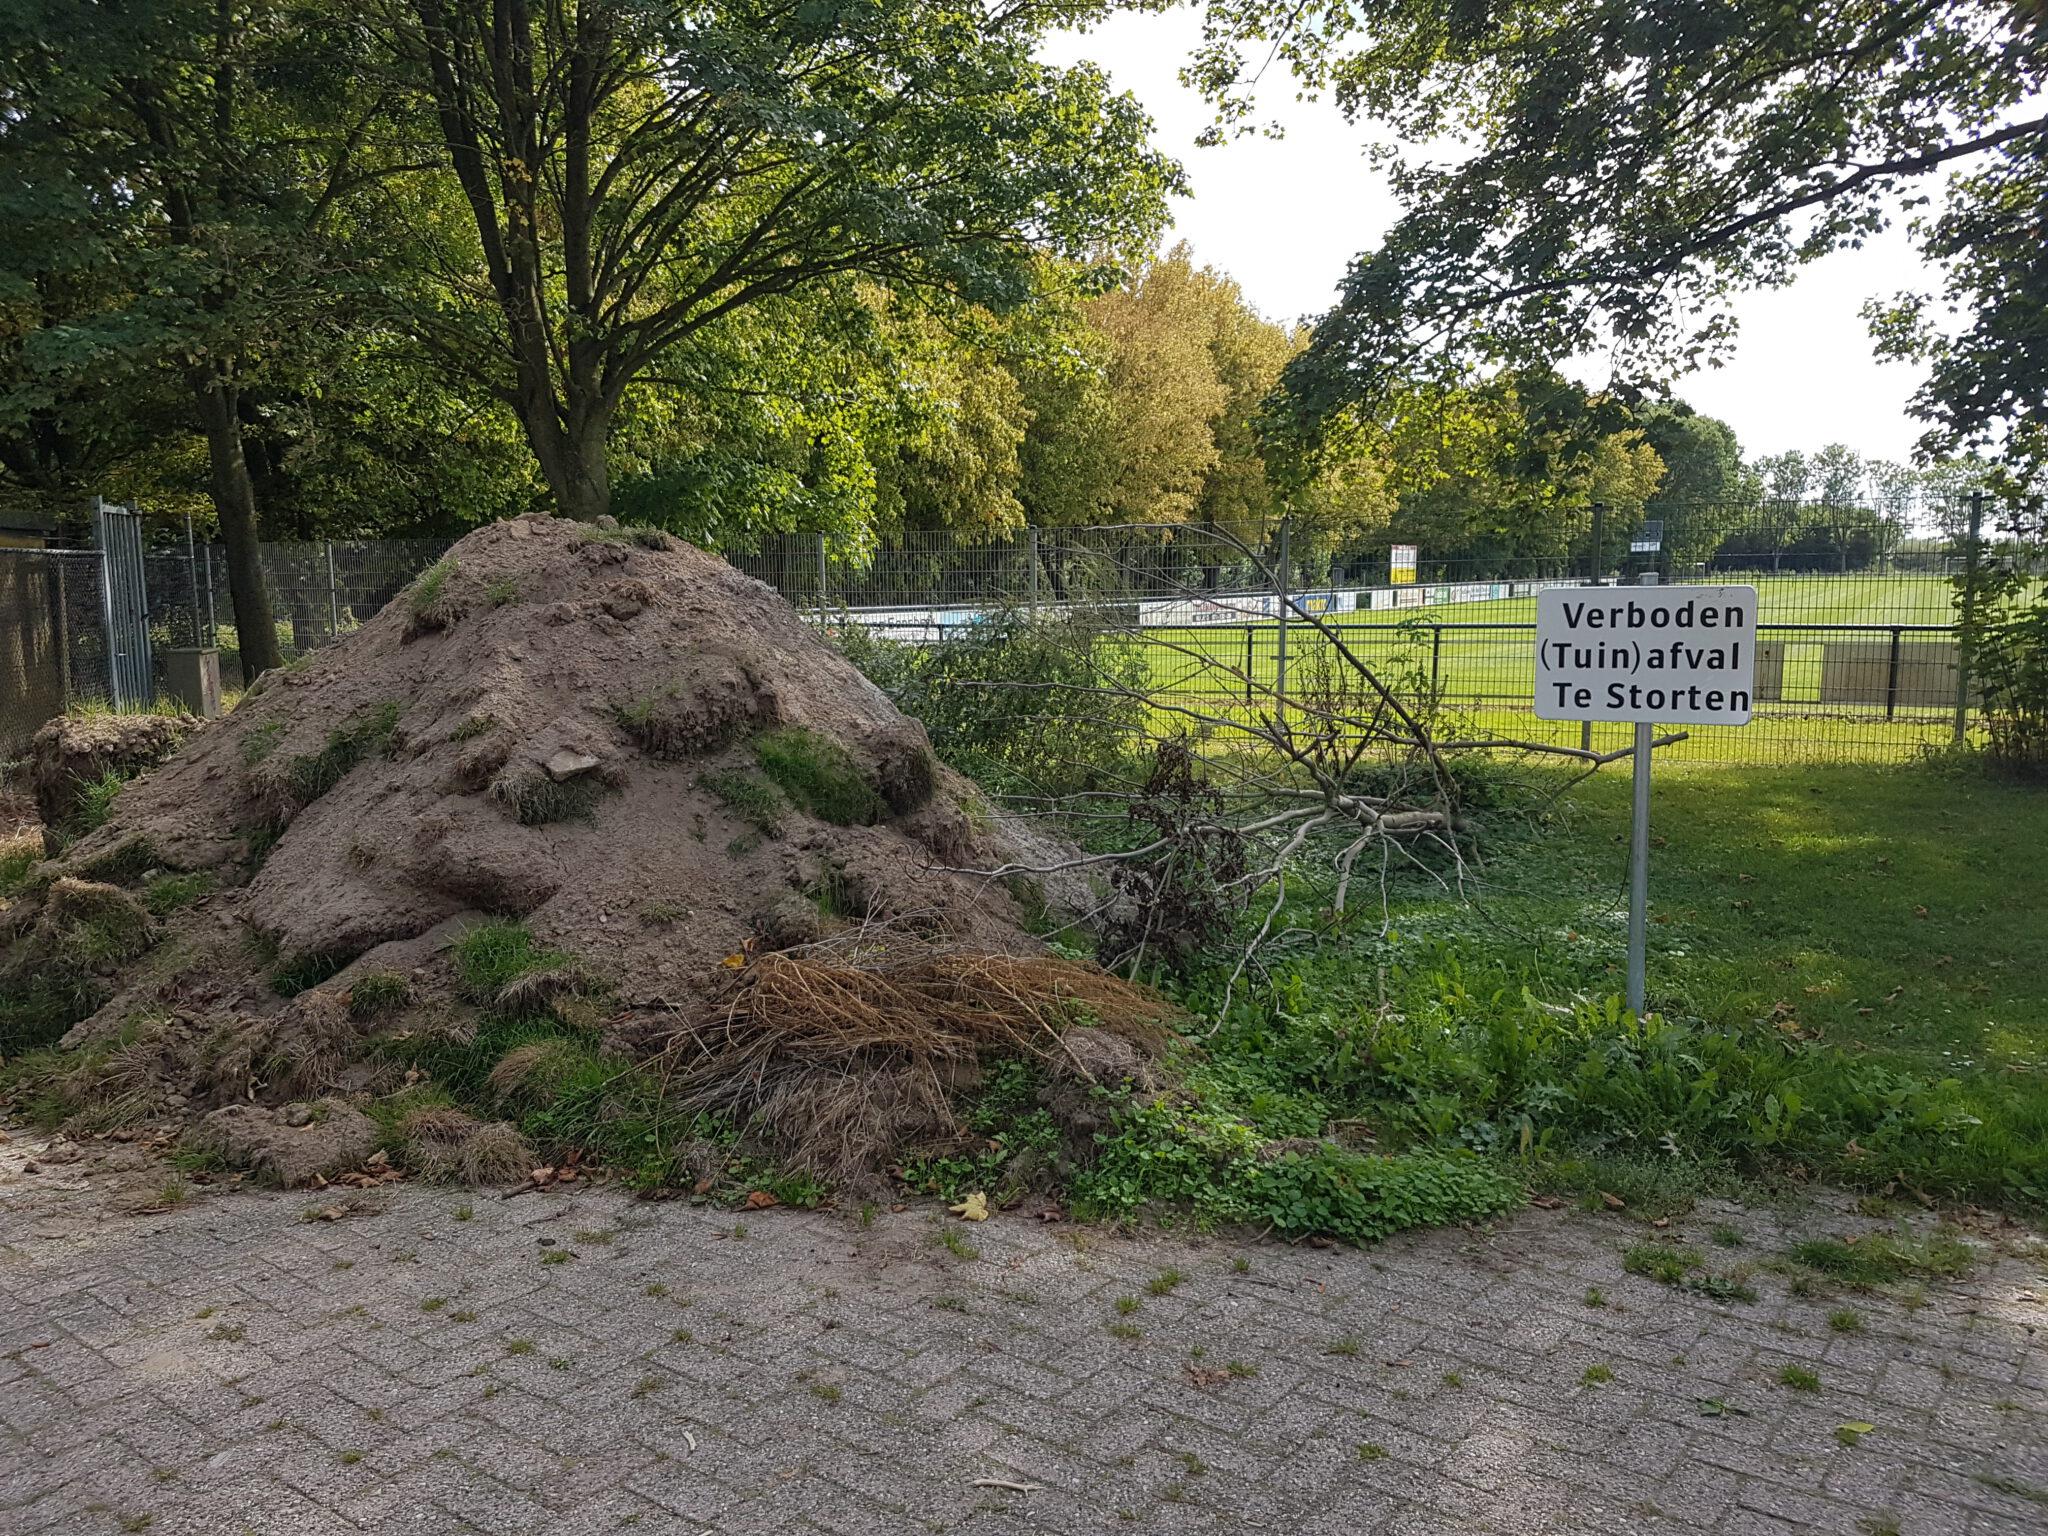 Verboden tuinafval te storten